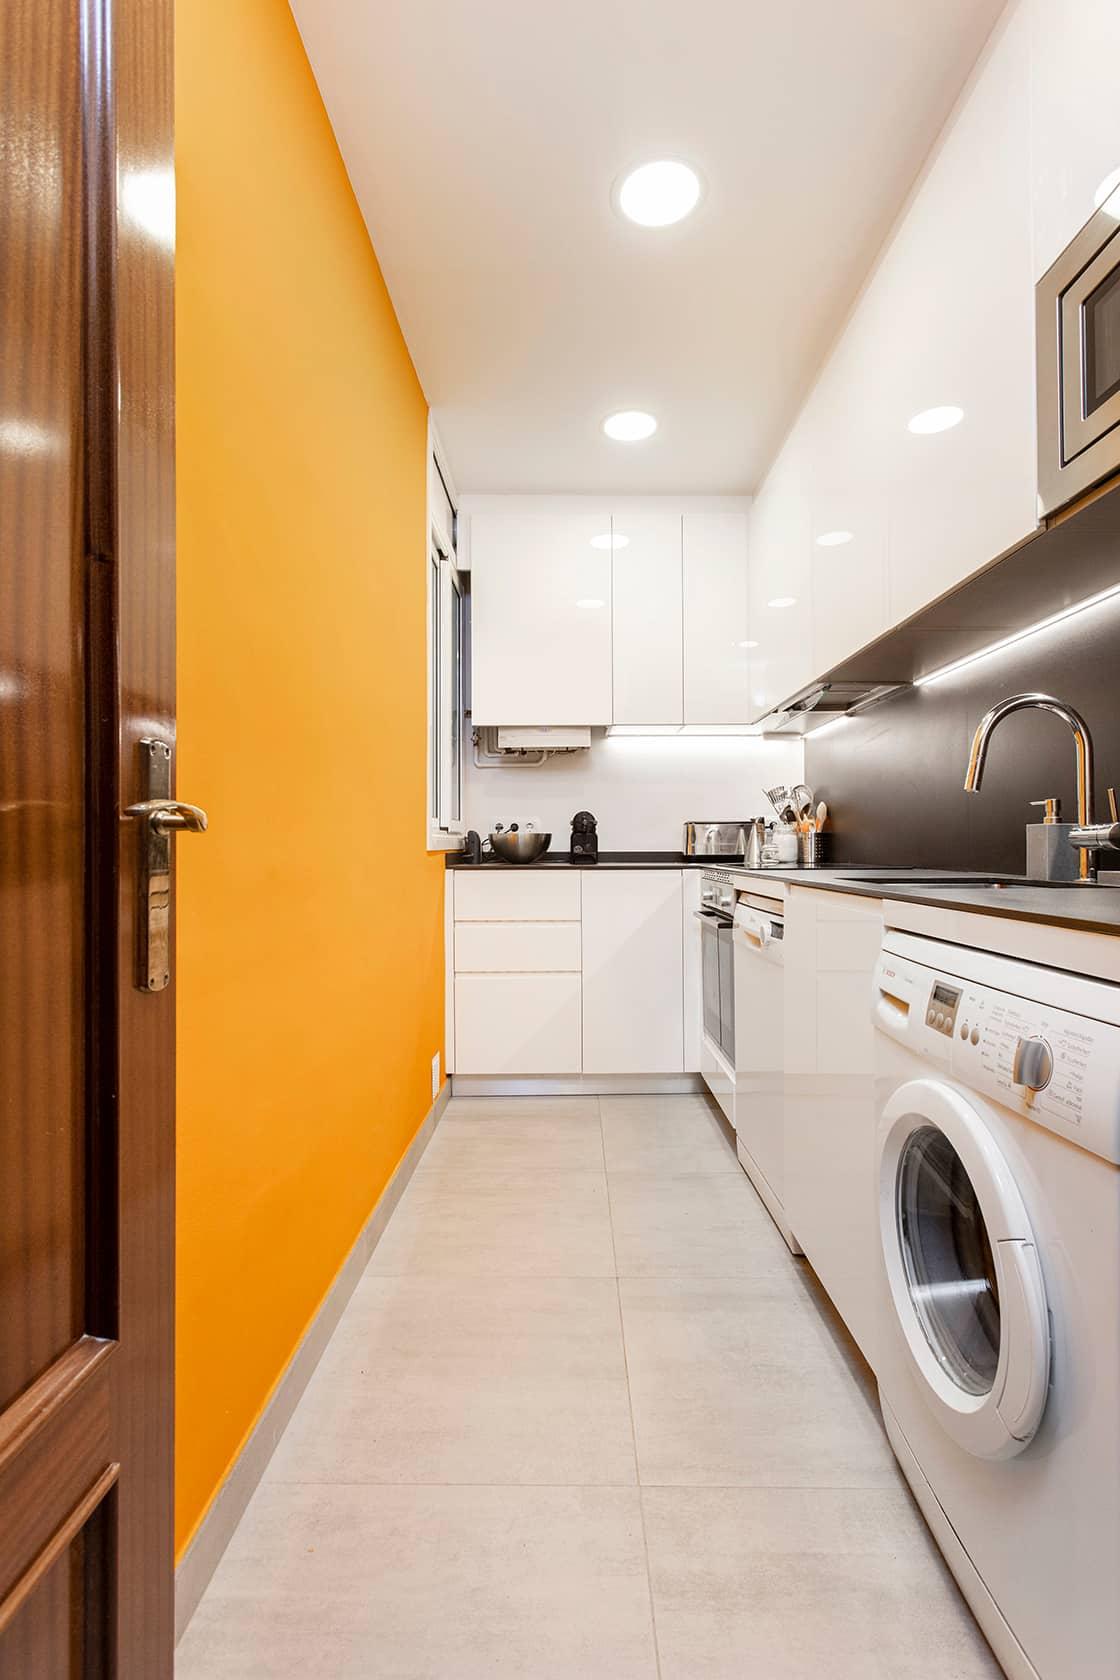 cocina naranja alargada